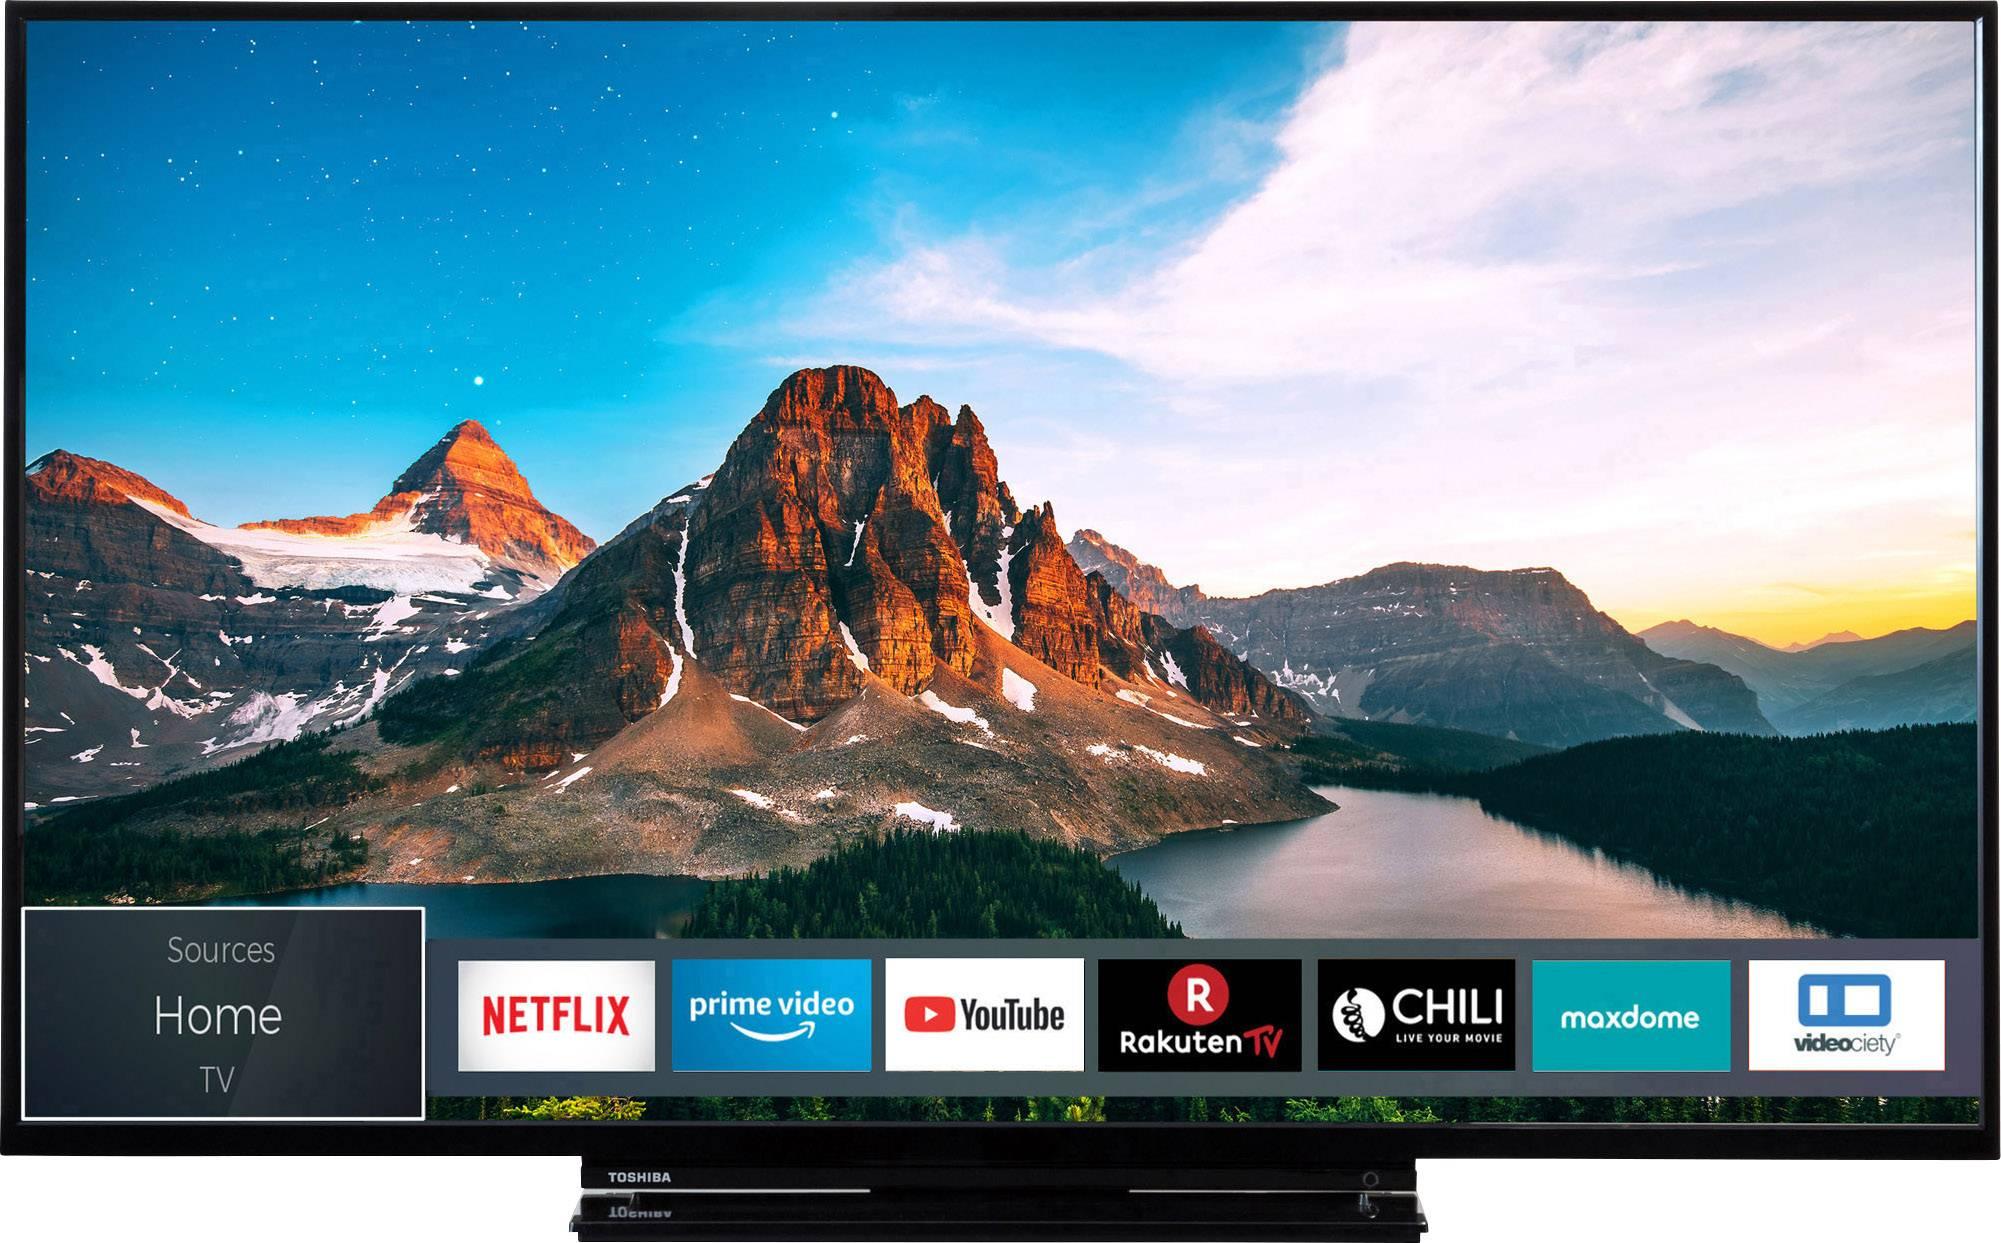 televiseur led toshiba 49v5863da 124 cm 49 pouces dvb t2 dvb c dvb s uhd smart tv wi fi ci